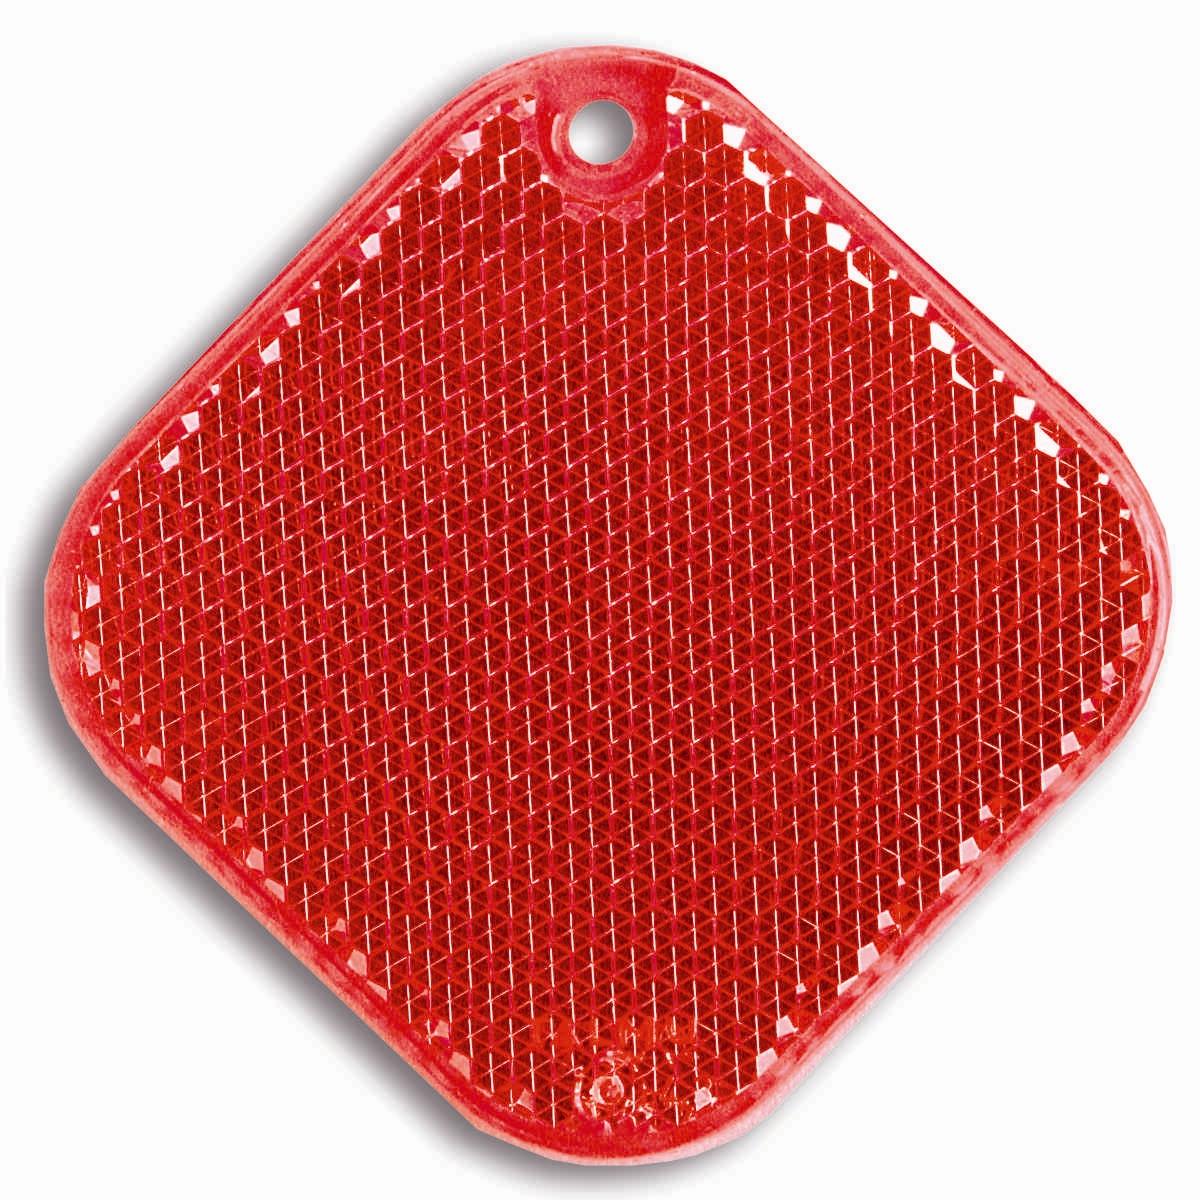 Световозвращатель пешеходный Coreflect Ромб, цвет: красный118705Пешеходный светоотражатель — это серьезное средство безопасности на дороге. Использование светоотражателей позволяет в десятки раз сократить количество ДТП с участием пешеходов в темное время суток. Светоотражатель крепится на одежду и обладает способностью к направленному отражению светового потока. Благодаря такому отражению, водитель может вовремя заметить пешехода в темноте, даже если он стоит или двигается по обочине. А значит, он успеет среагировать и избежит возможного столкновения.